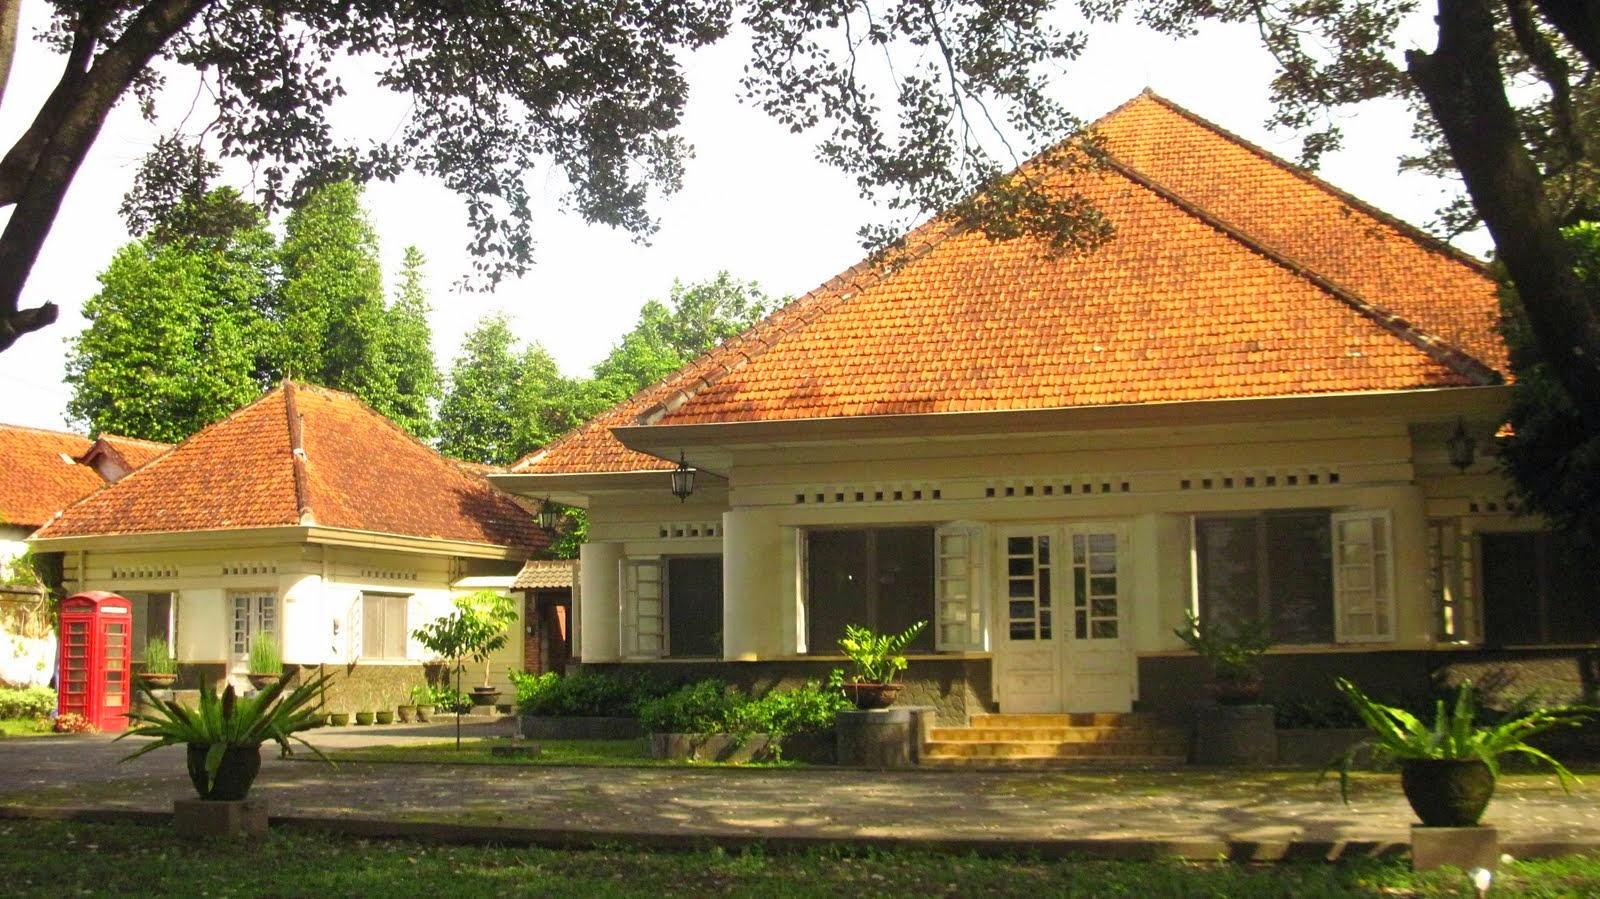 Rumah Model Kolonial Kuno Belanda Yang Masih Ada Di Indonesia